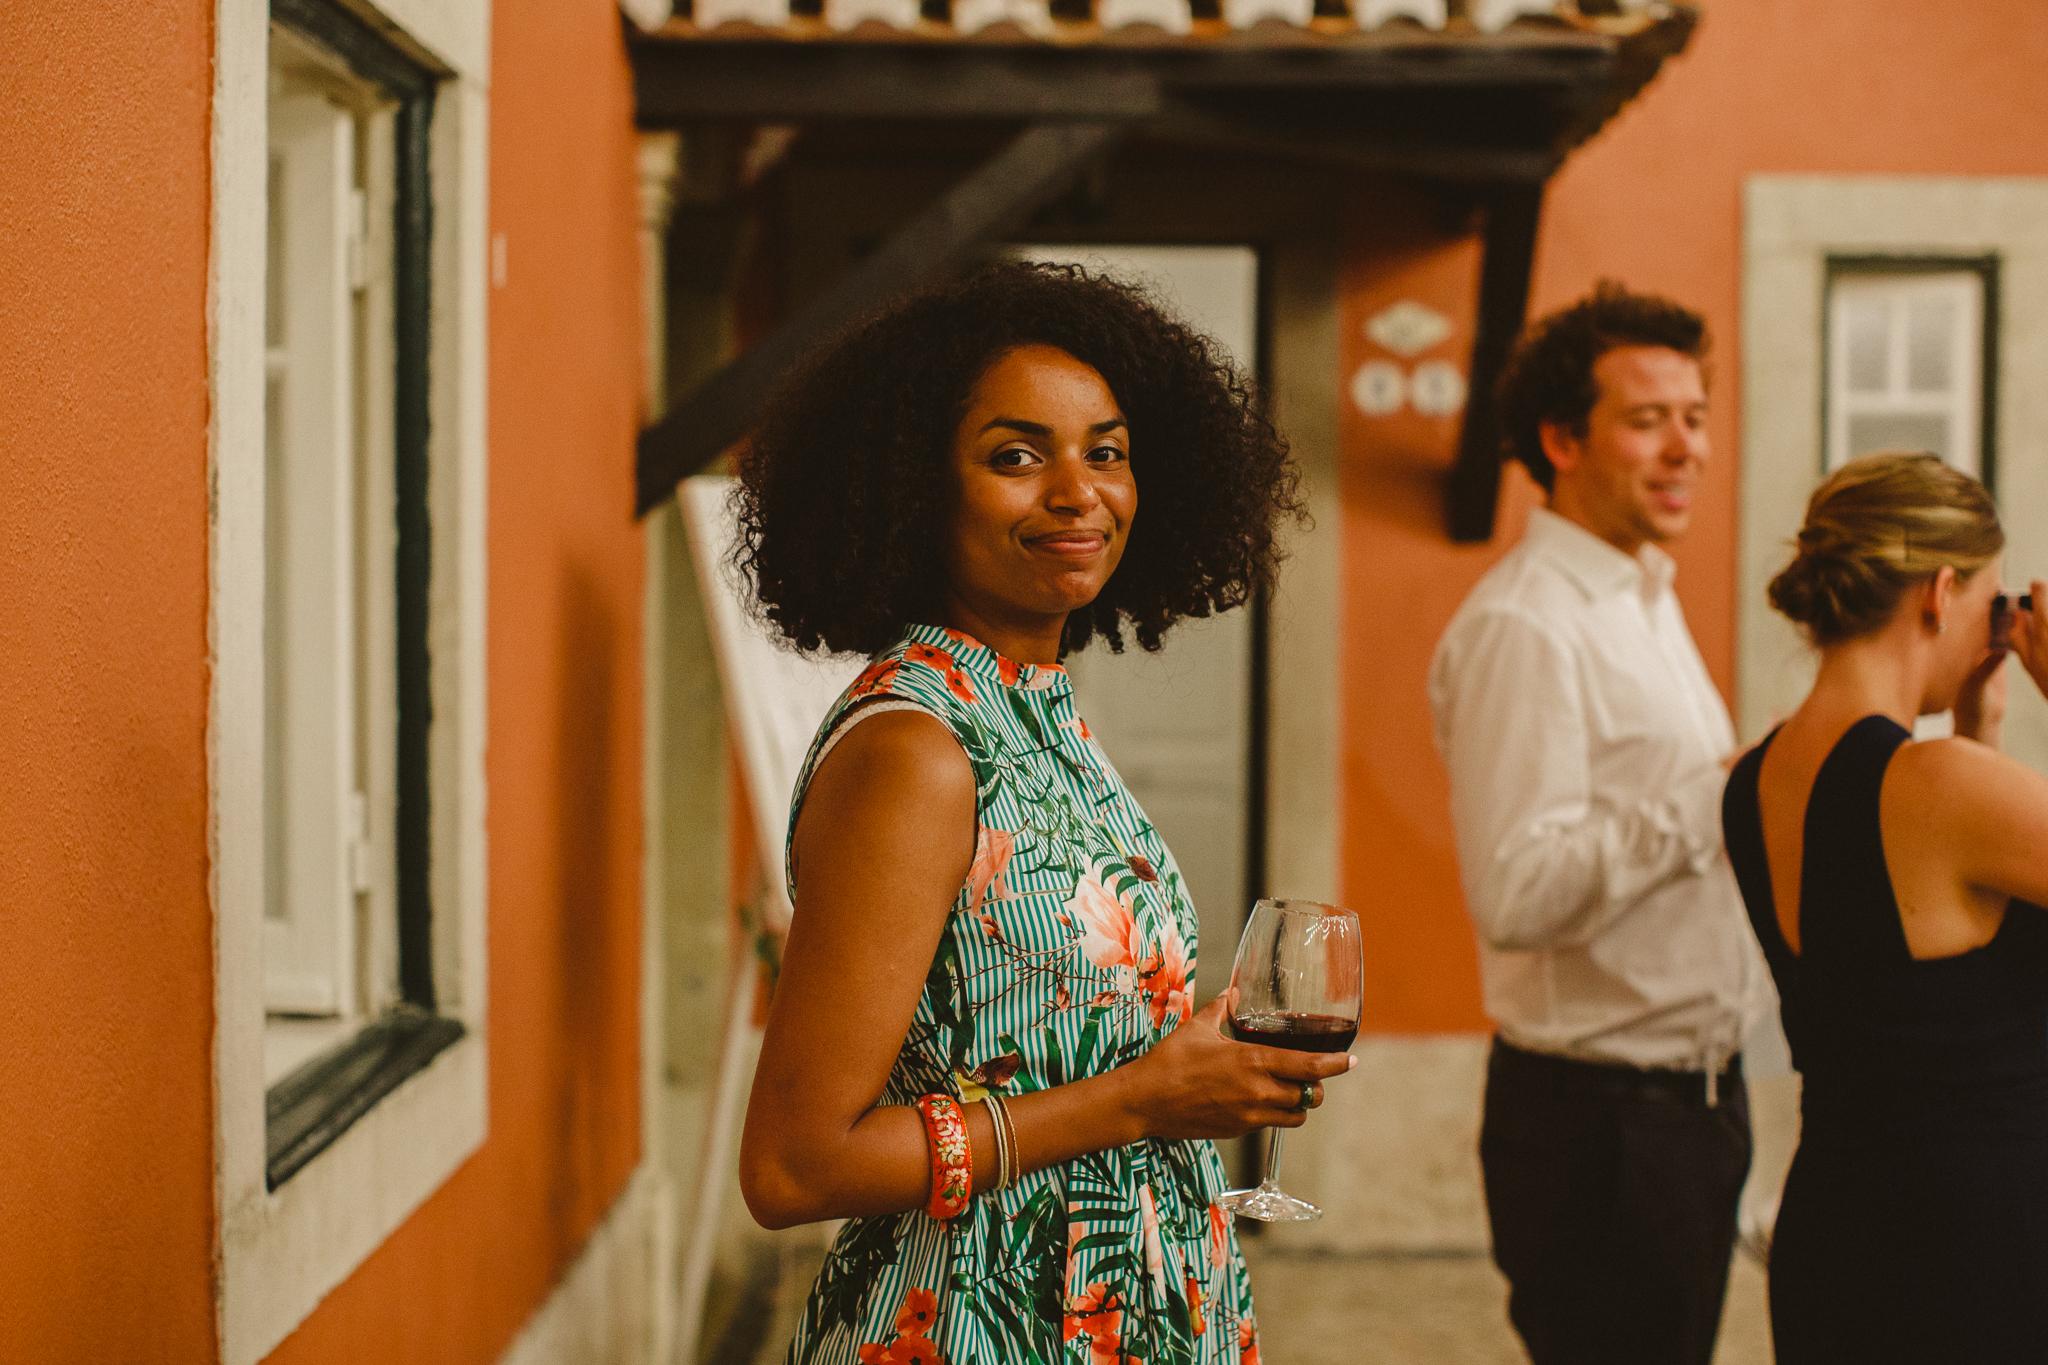 Destination Wedding Photographer Portugal, Destination Wedding in Lisbon, Wedding Photographer in Lisbon, Fotografia de Casamento Páteo Alfacinha, Fotógrafo de Casamento Lisboa